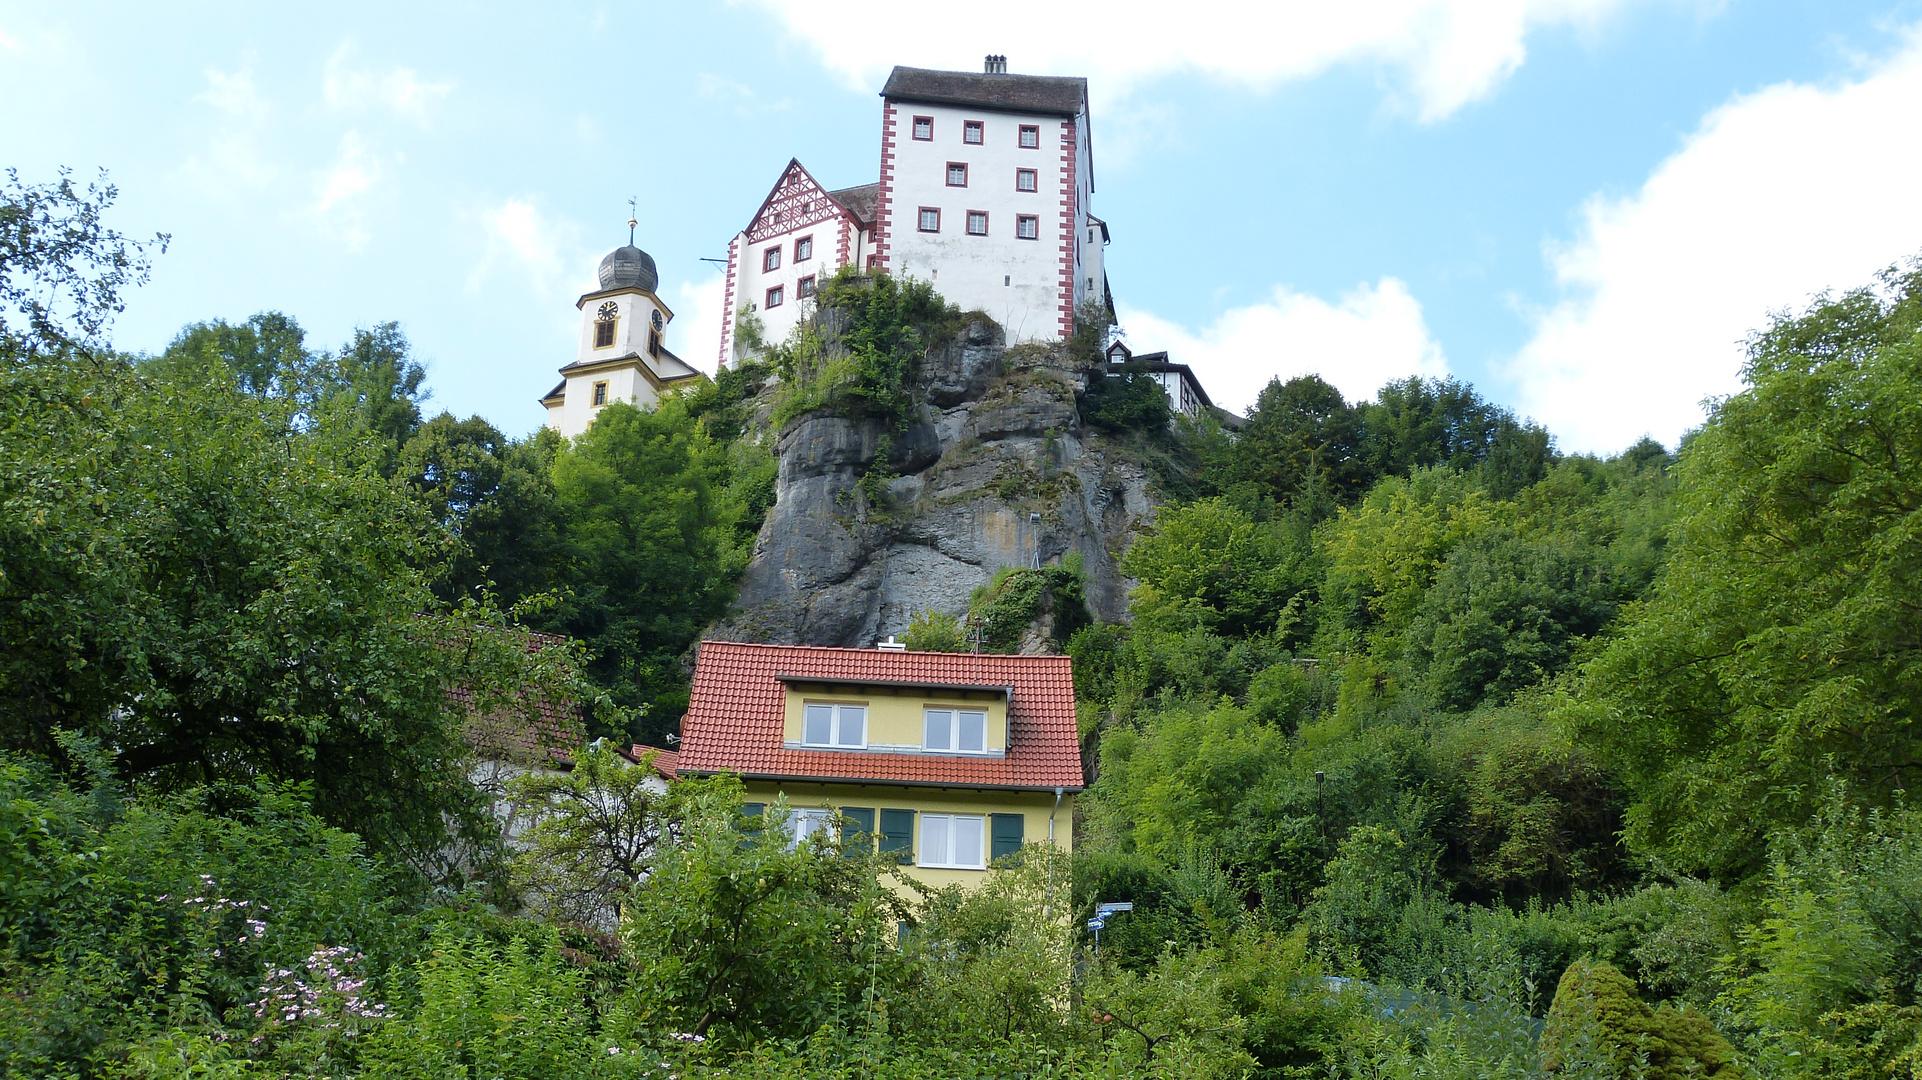 die Burg 10